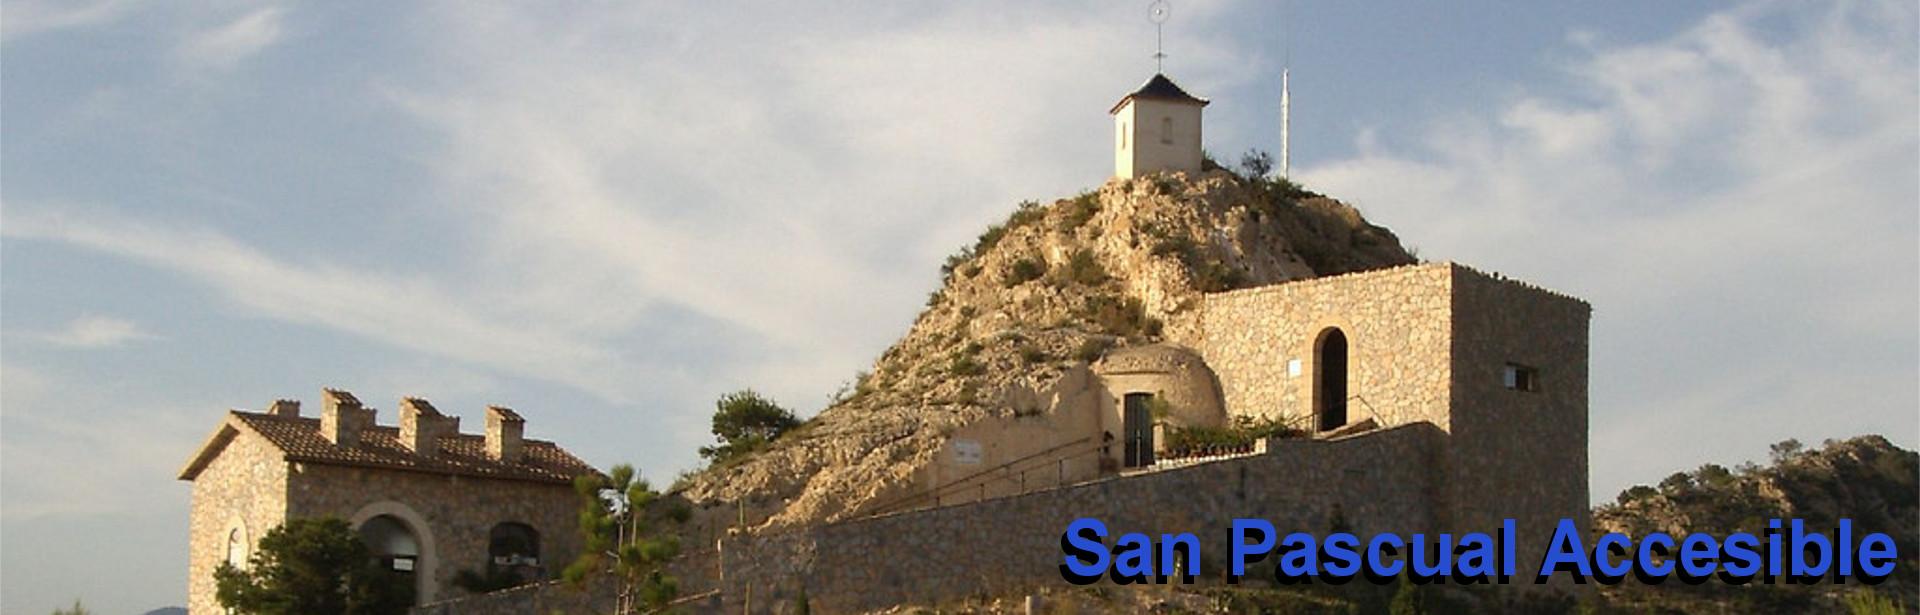 San Pascual Accesible Emociónate